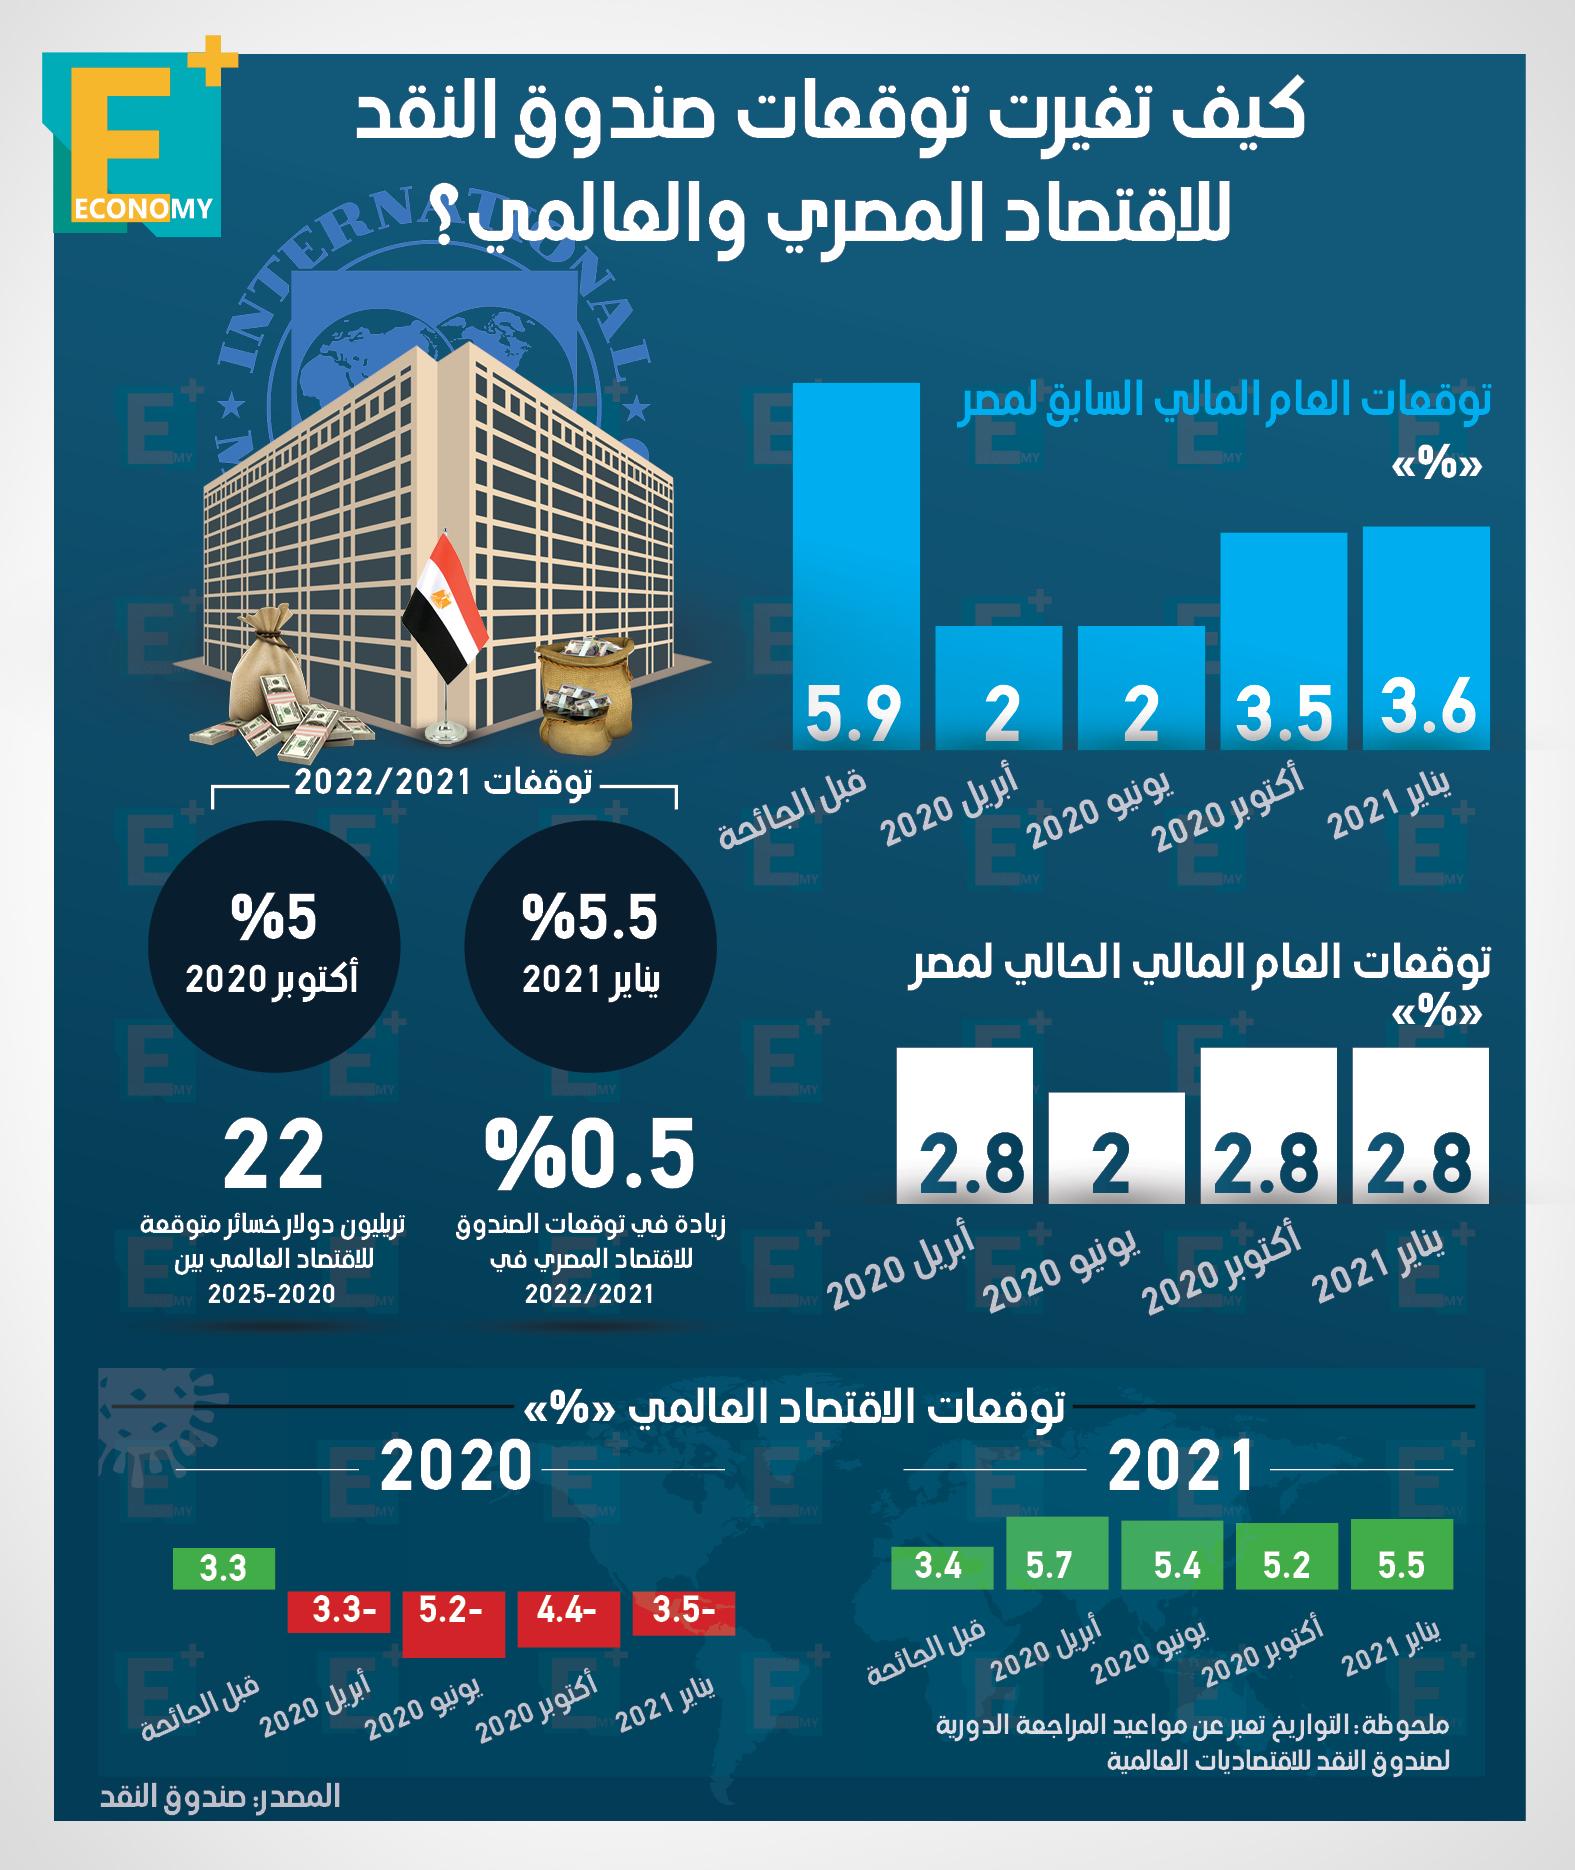 كيف تغيرت توقعات صندوق النقد للاقتصاد المصري والعالمي؟